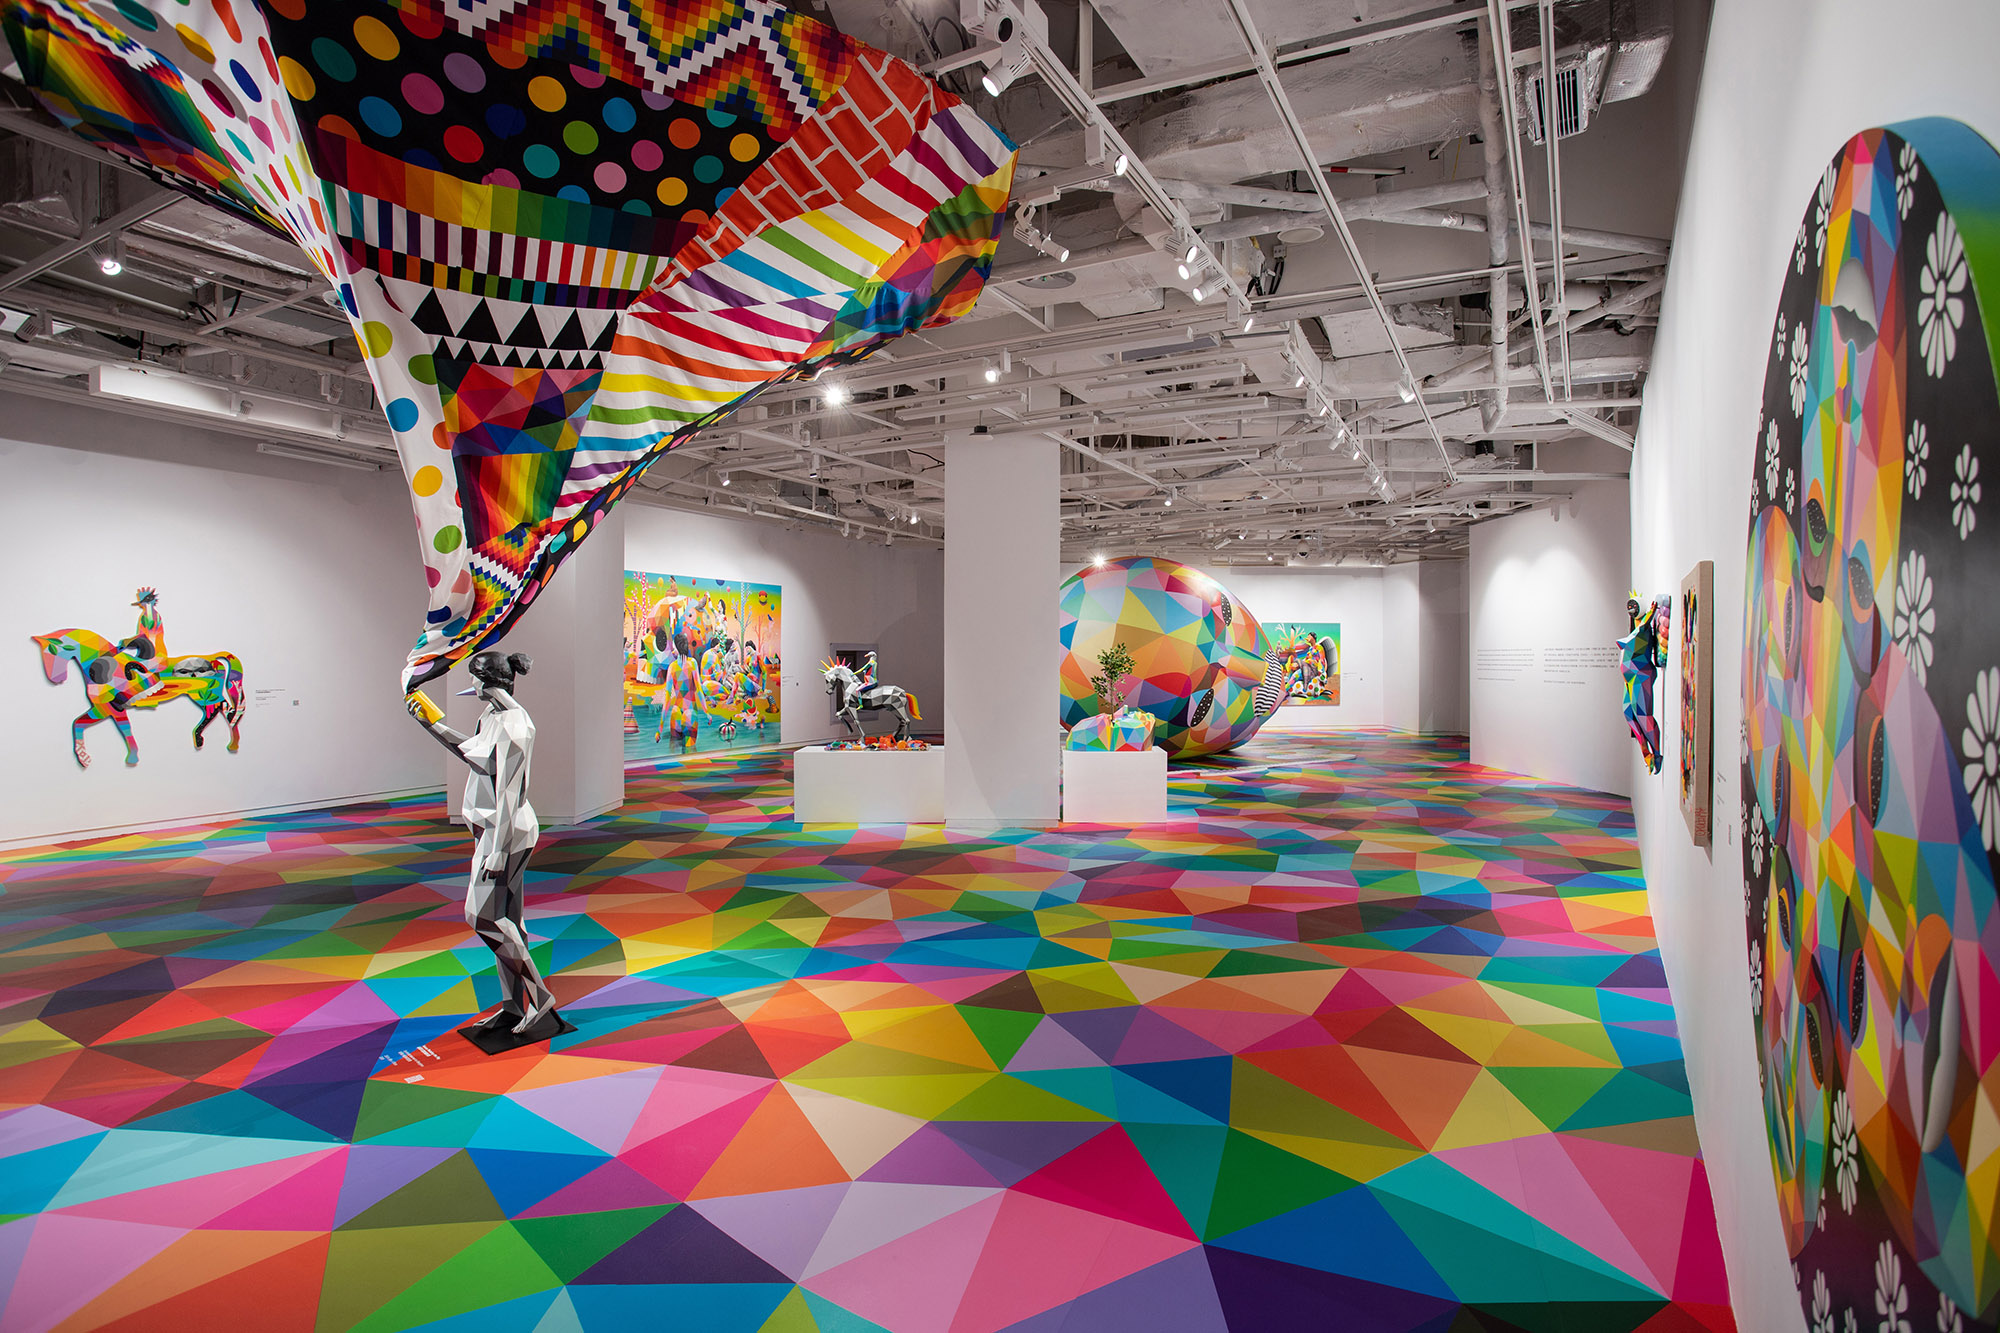 KAOS TRIP: Uma viagem de cores Artes & contextos %E5%BE%AE%E4%BF%A1%E5%9B%BE%E7%89%87 20200713164606